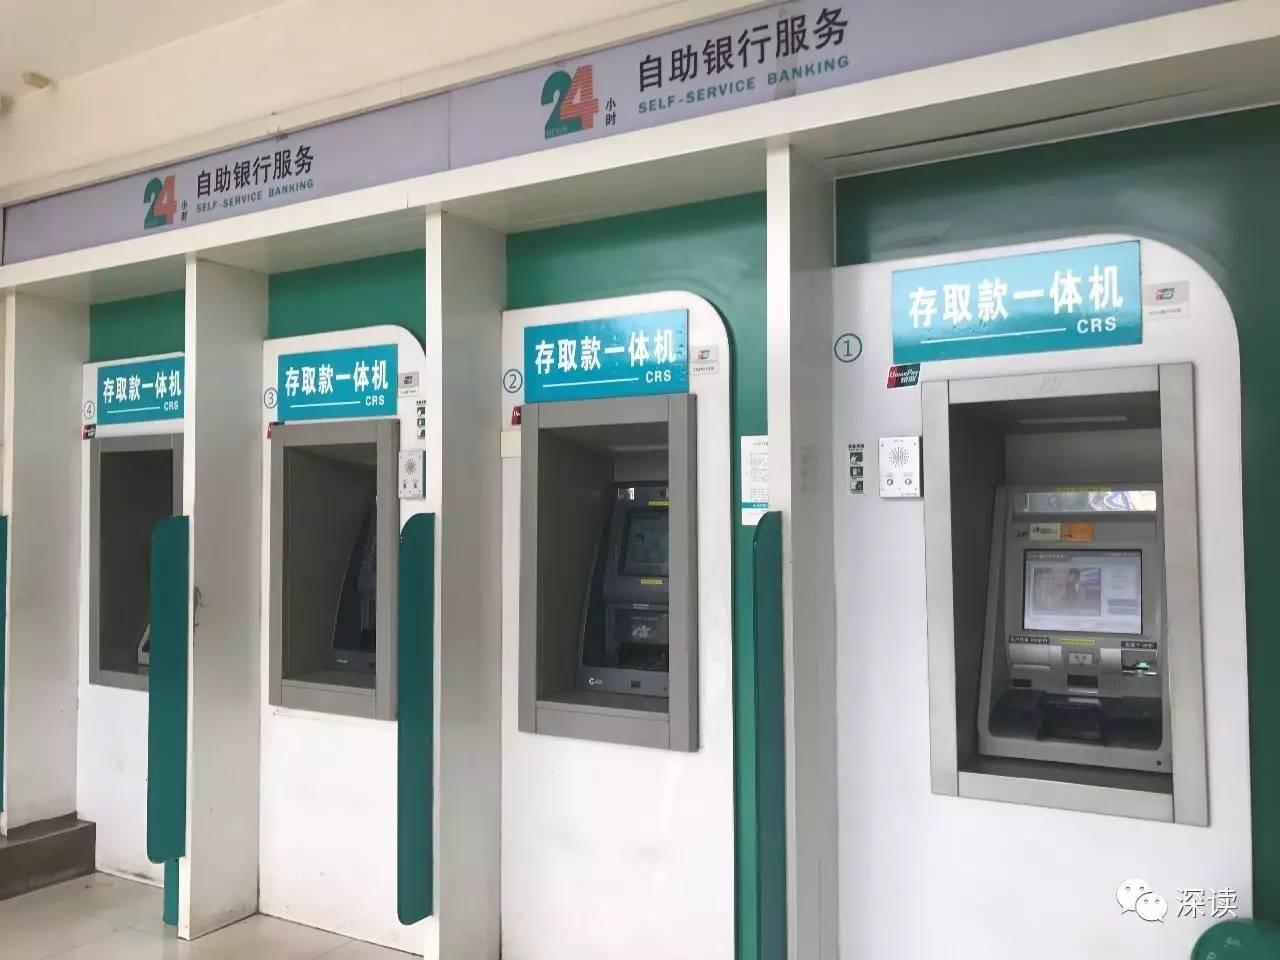 徐玉玉事先汇款的ATM机上只有屏幕提醒,不语音防欺骗提醒